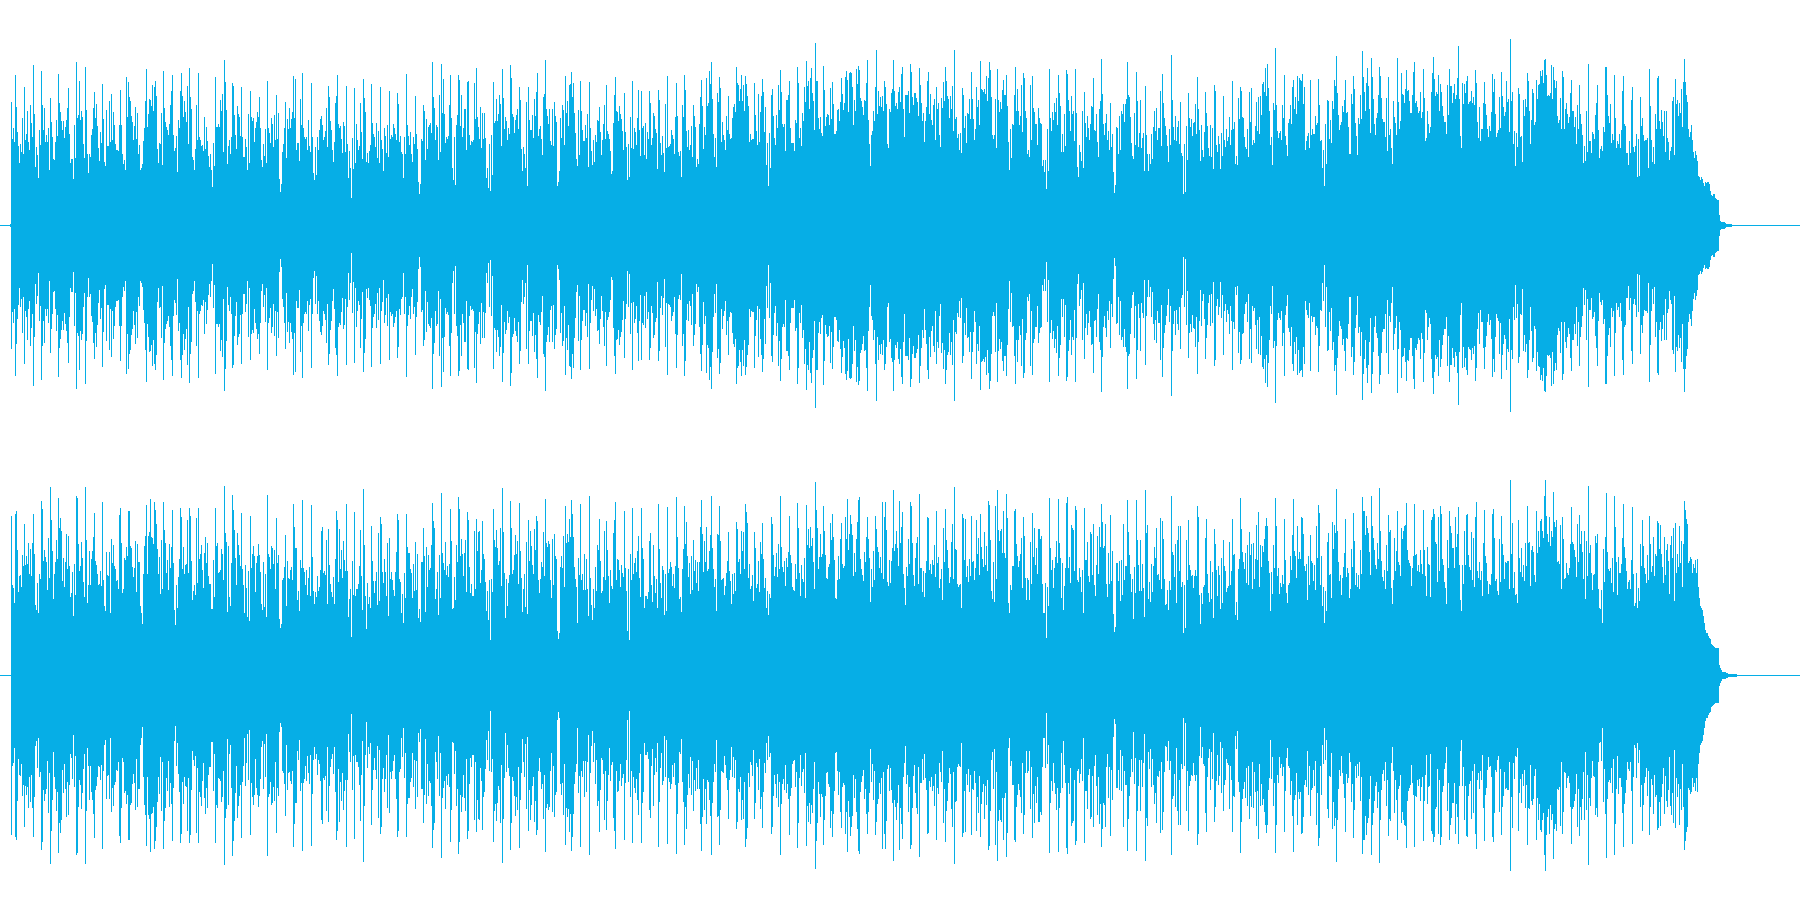 穏やかで地中海的なボサノバ風ポップスの再生済みの波形